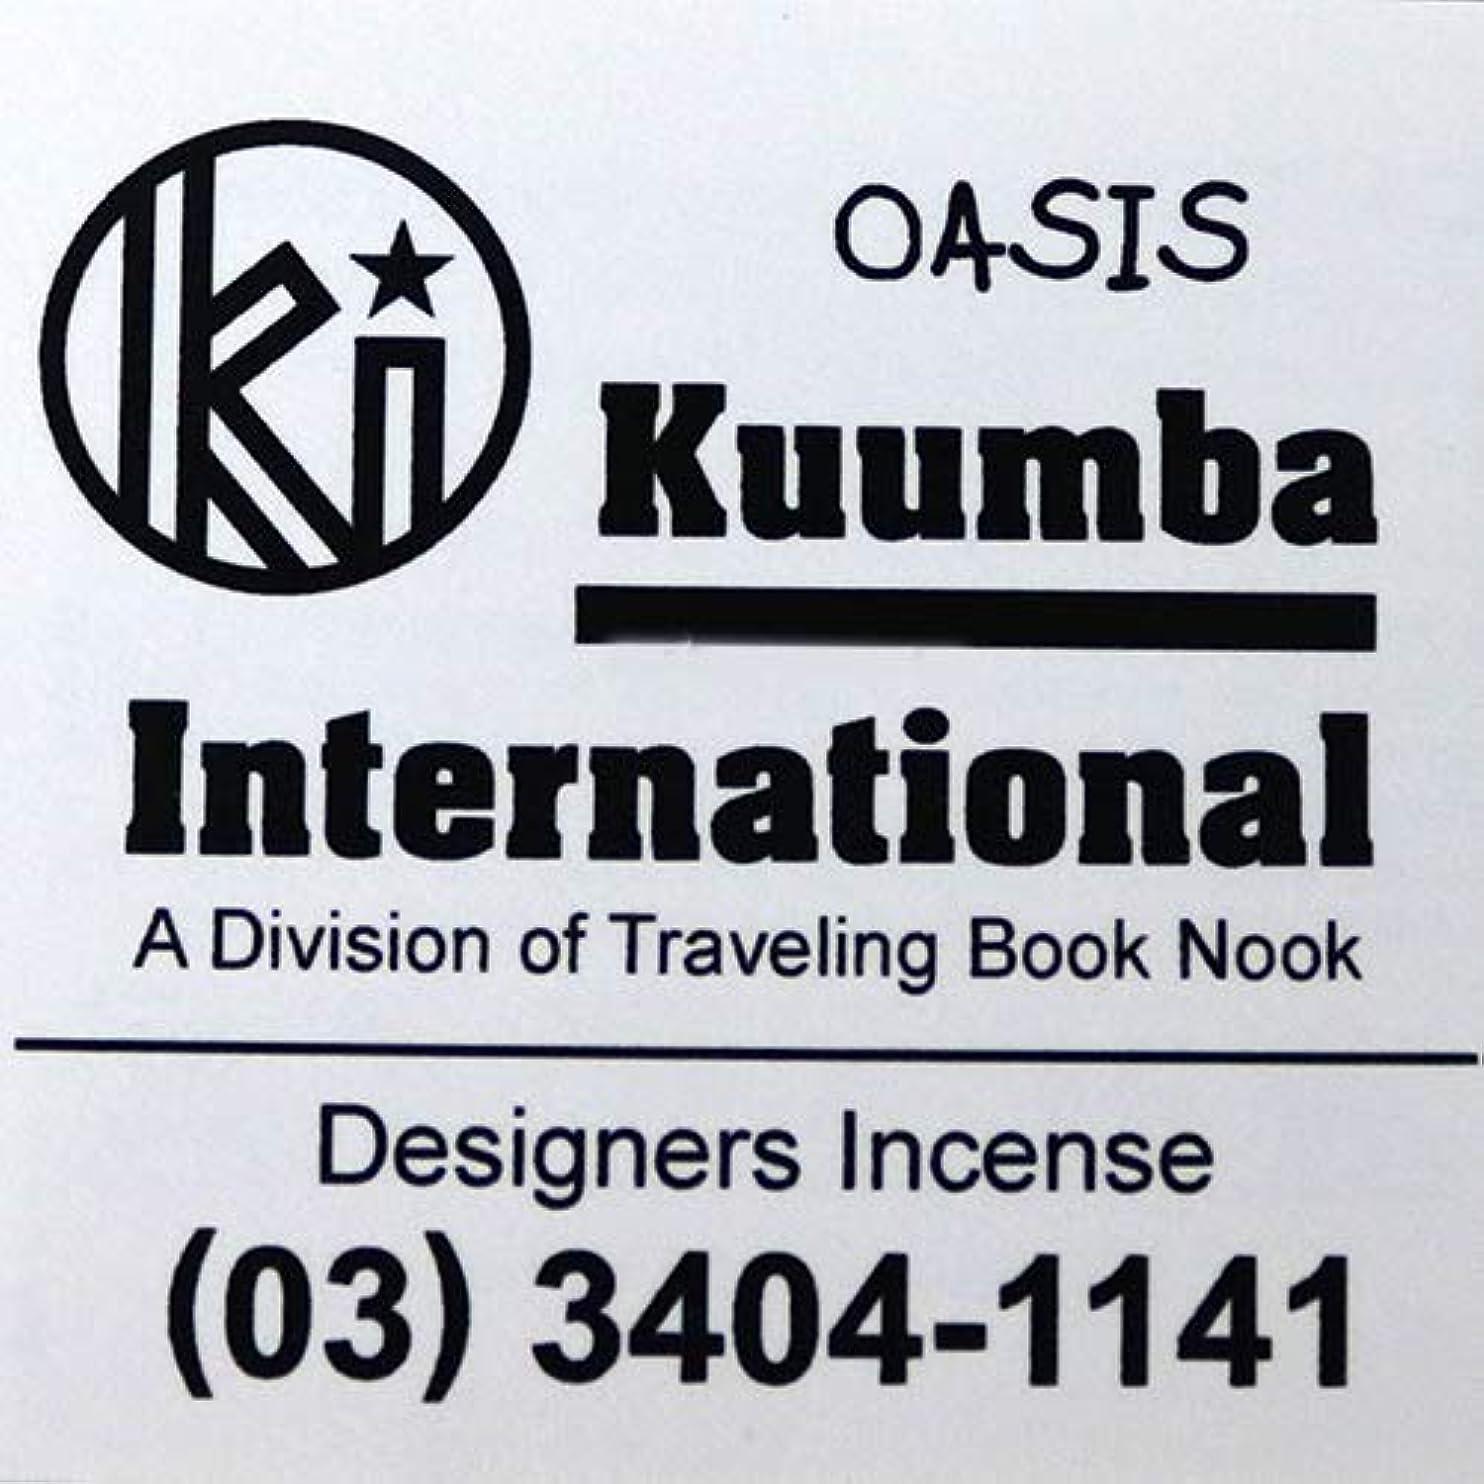 フォーマル十二リード(クンバ) KUUMBA『incense』(OASIS) (OASIS, Regular size)